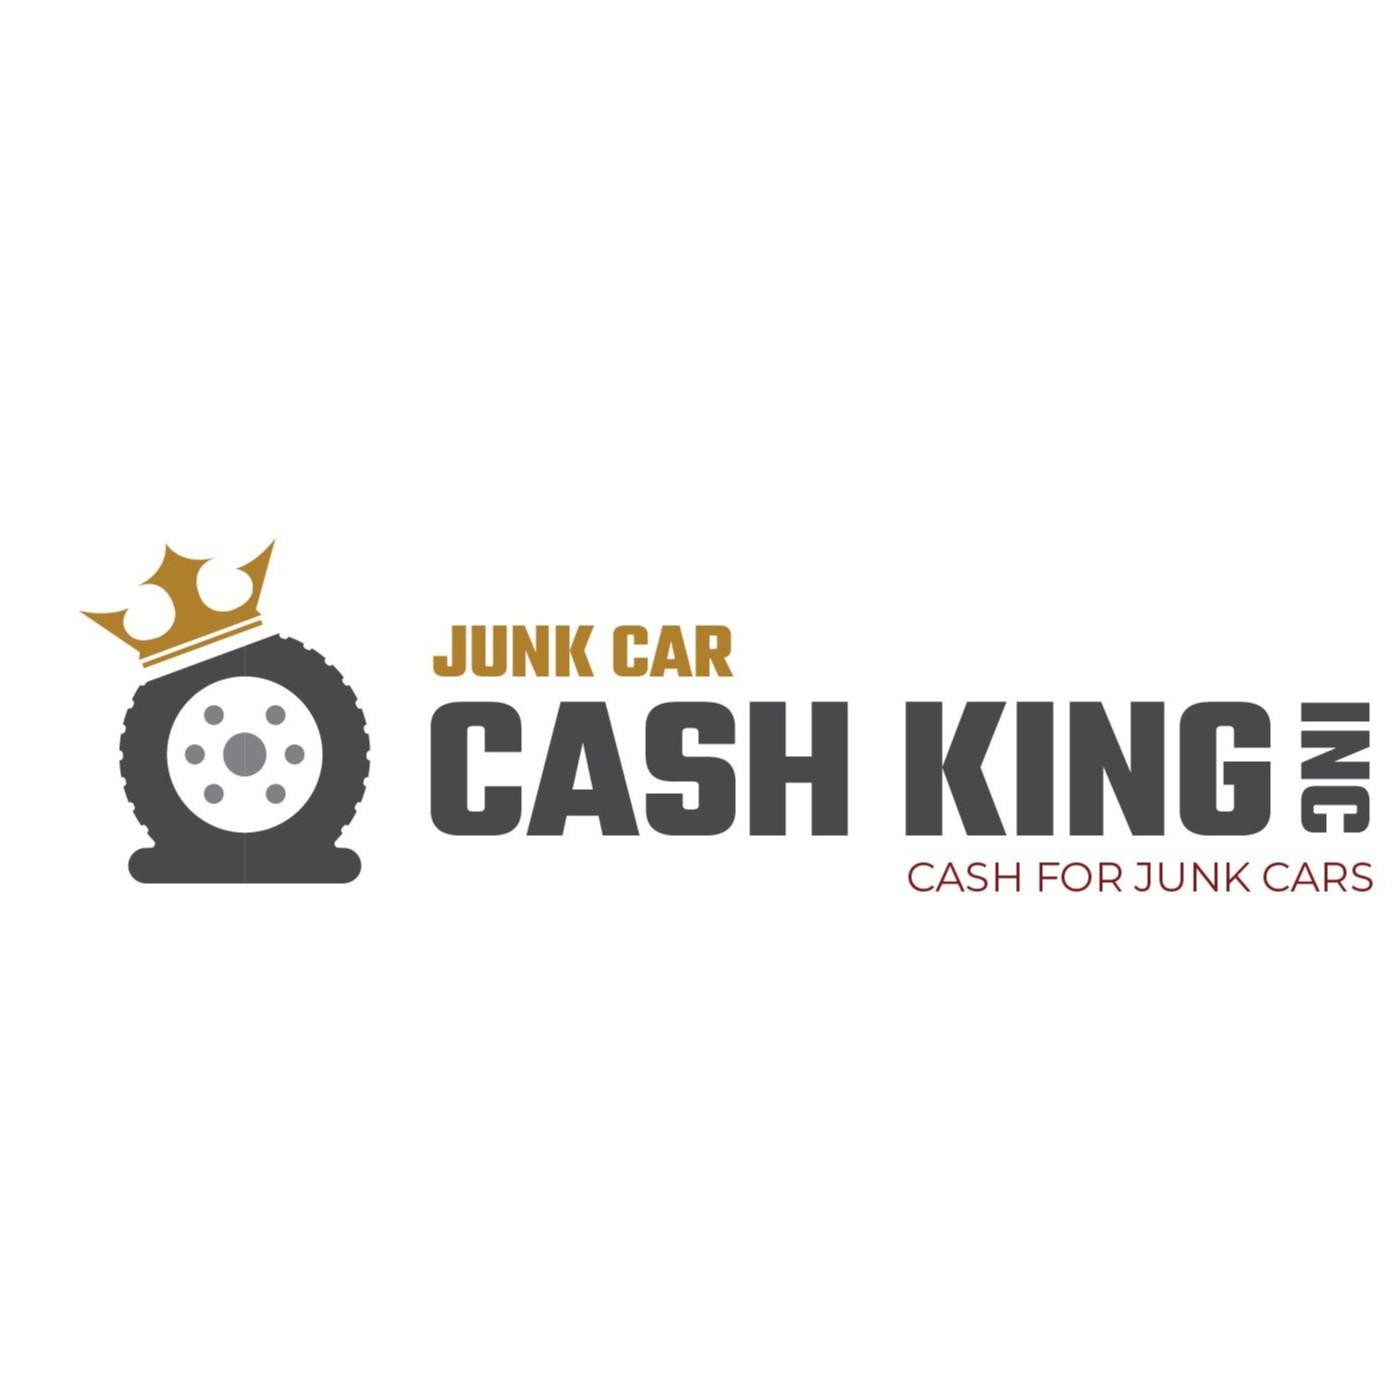 Junk Car Cash King